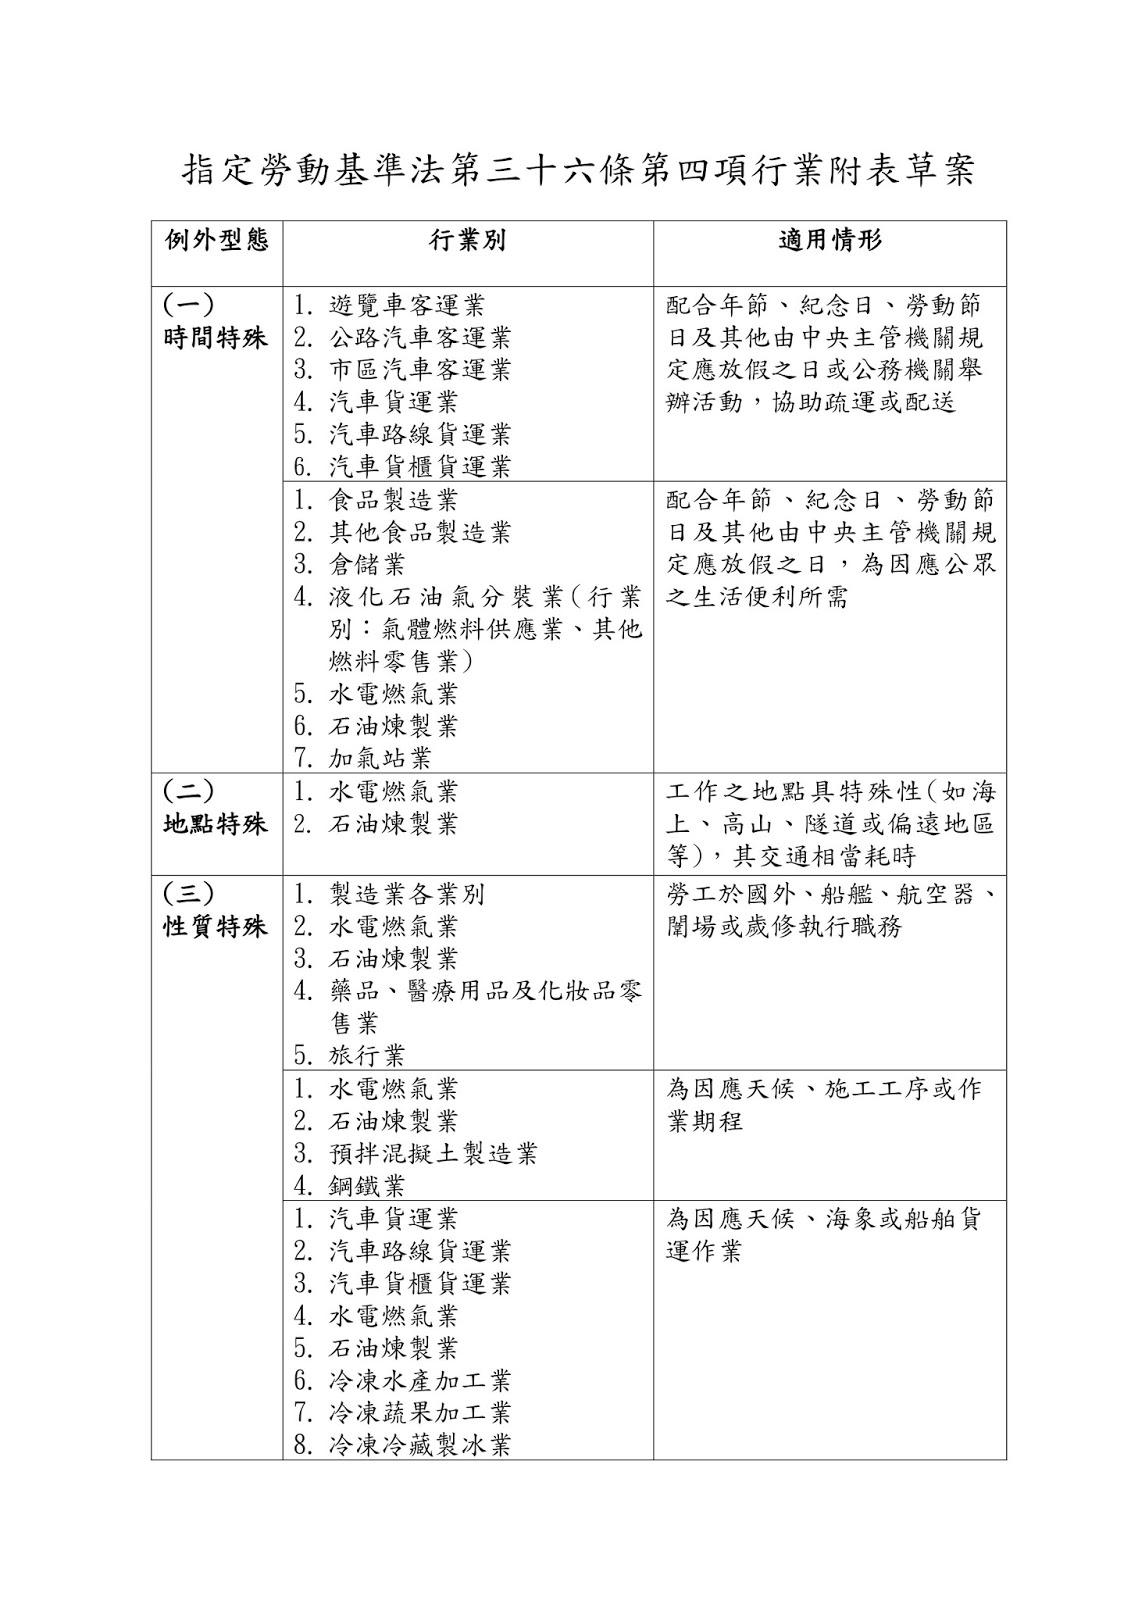 指定勞動基準法第三十六條第四項行業附表草案